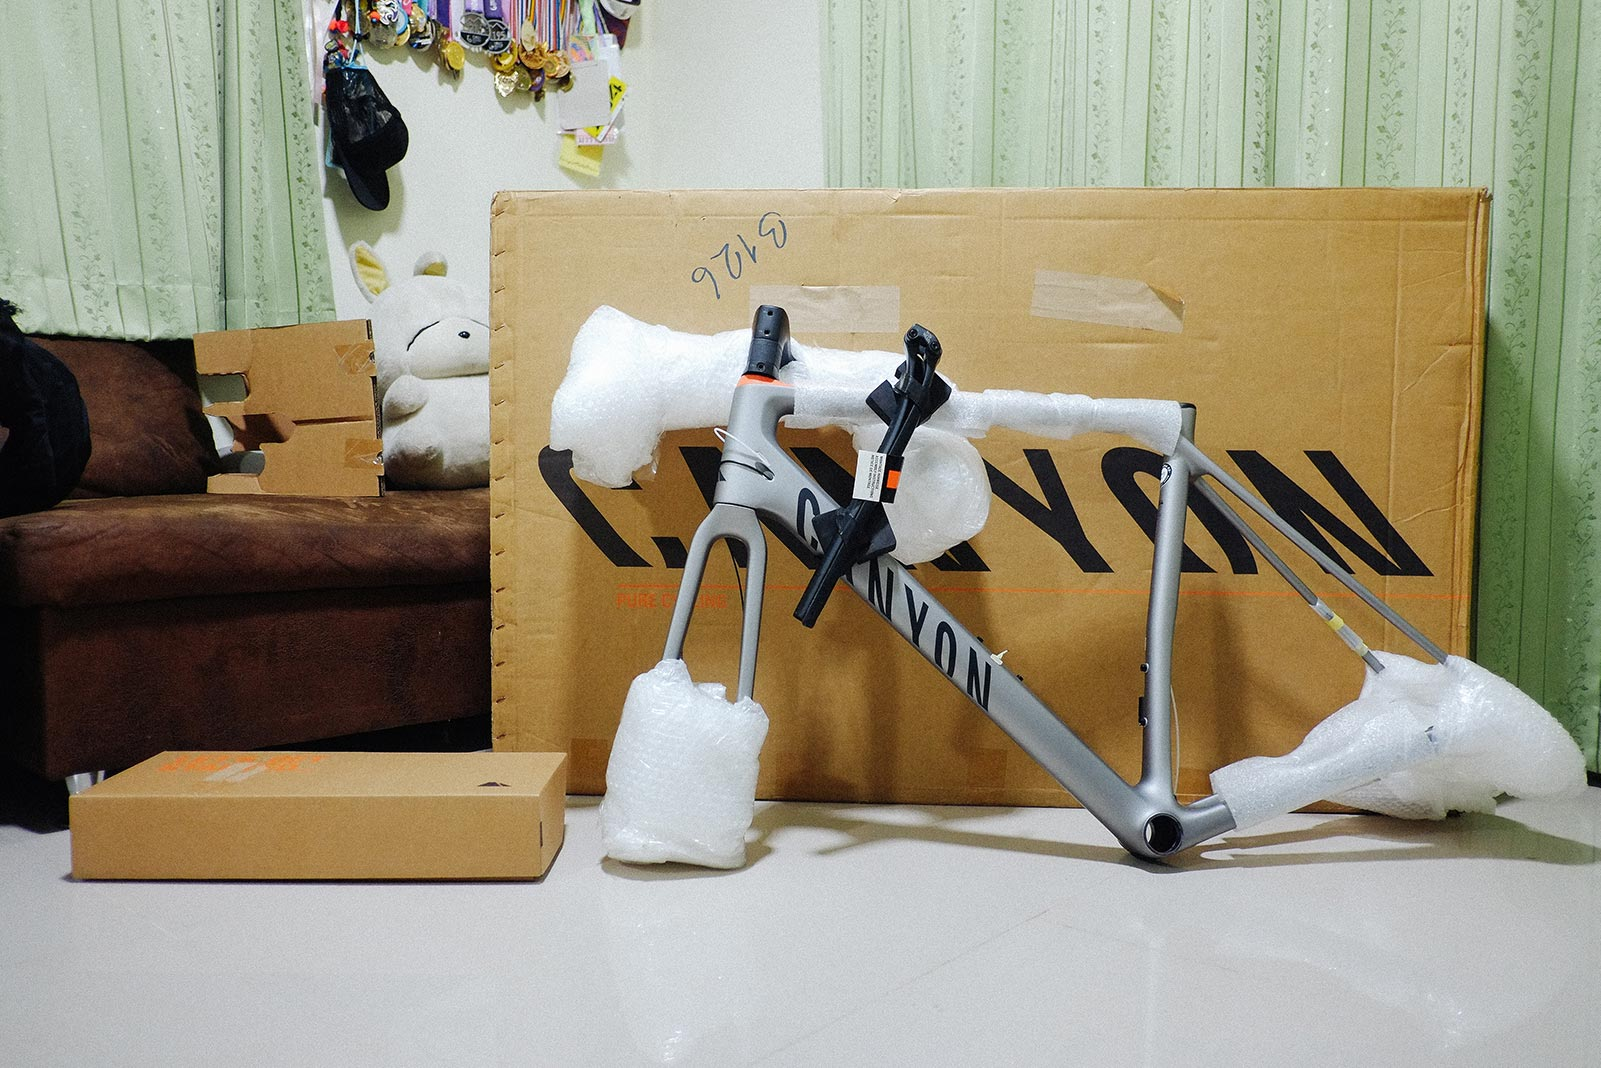 ข้างในกล่องมีเฟรมจักรยาน กับกล่องเล็กๆ อีกหนึ่งใบ